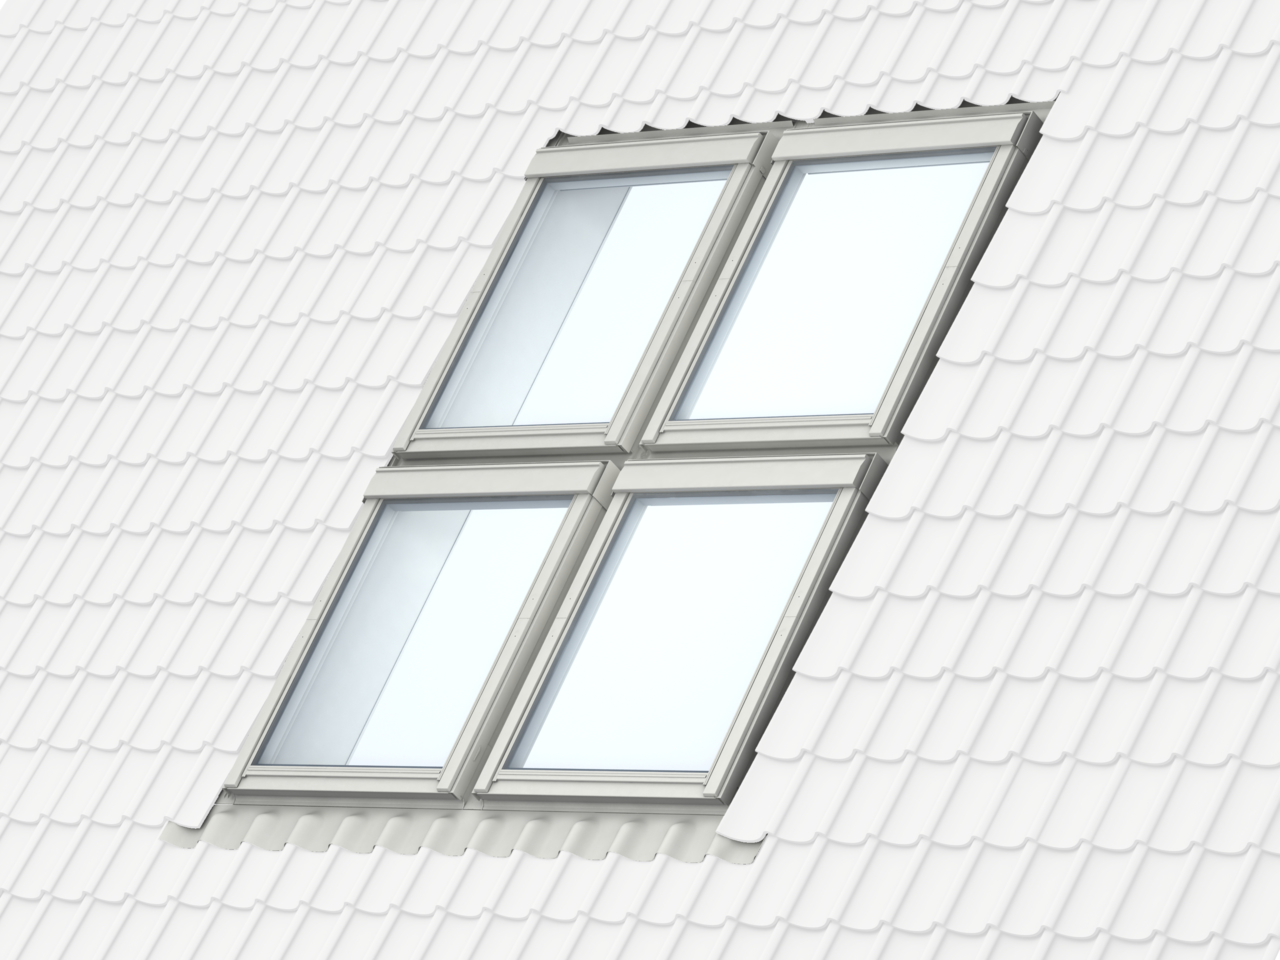 Posizionamento e misure delle finestre per tetti for Misure lucernari per tetti